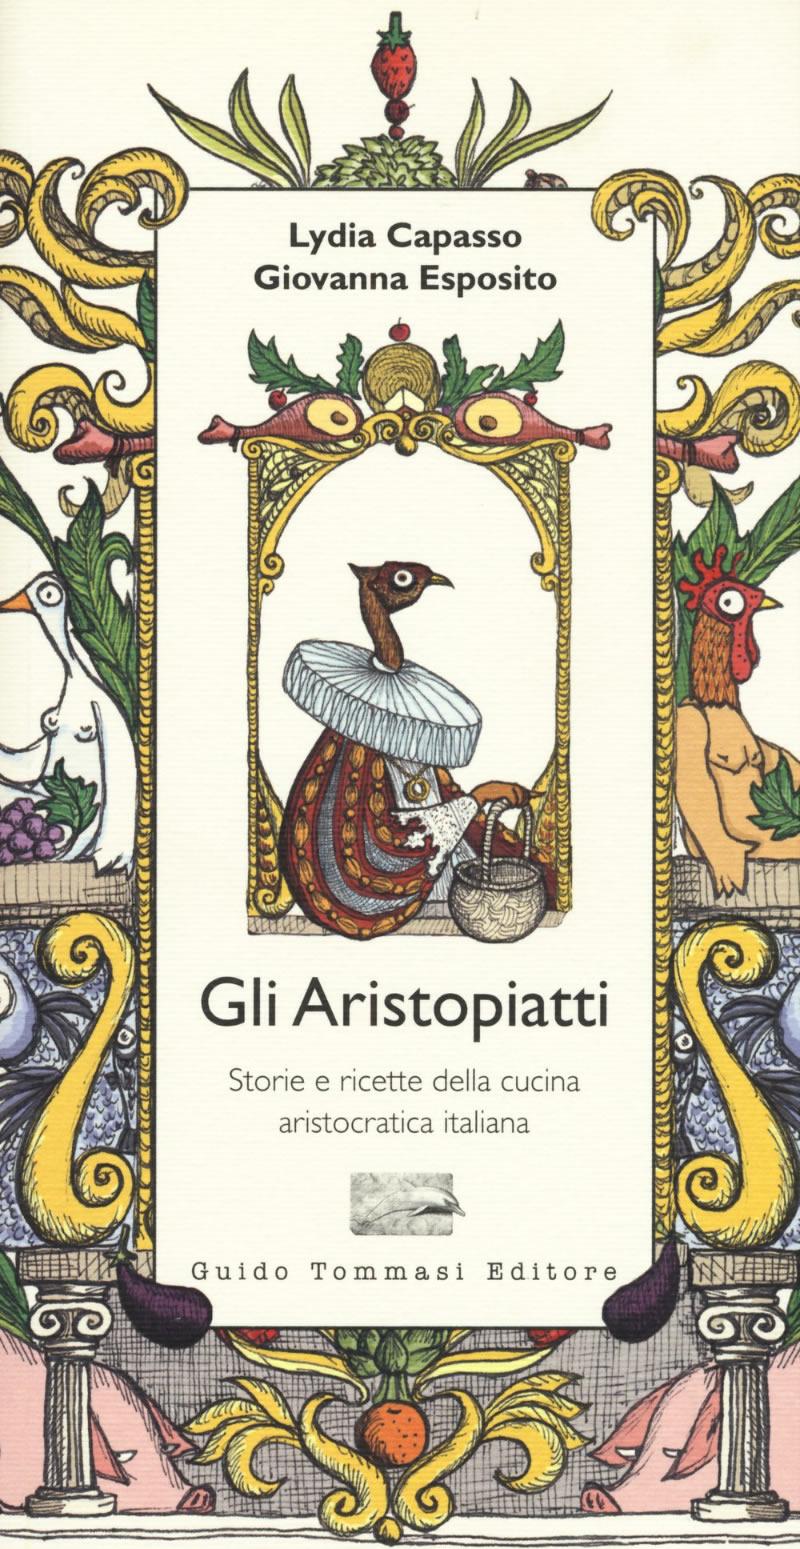 Gli-Aristopiatti-Lydia-Capasso-Giovanna-Esposito